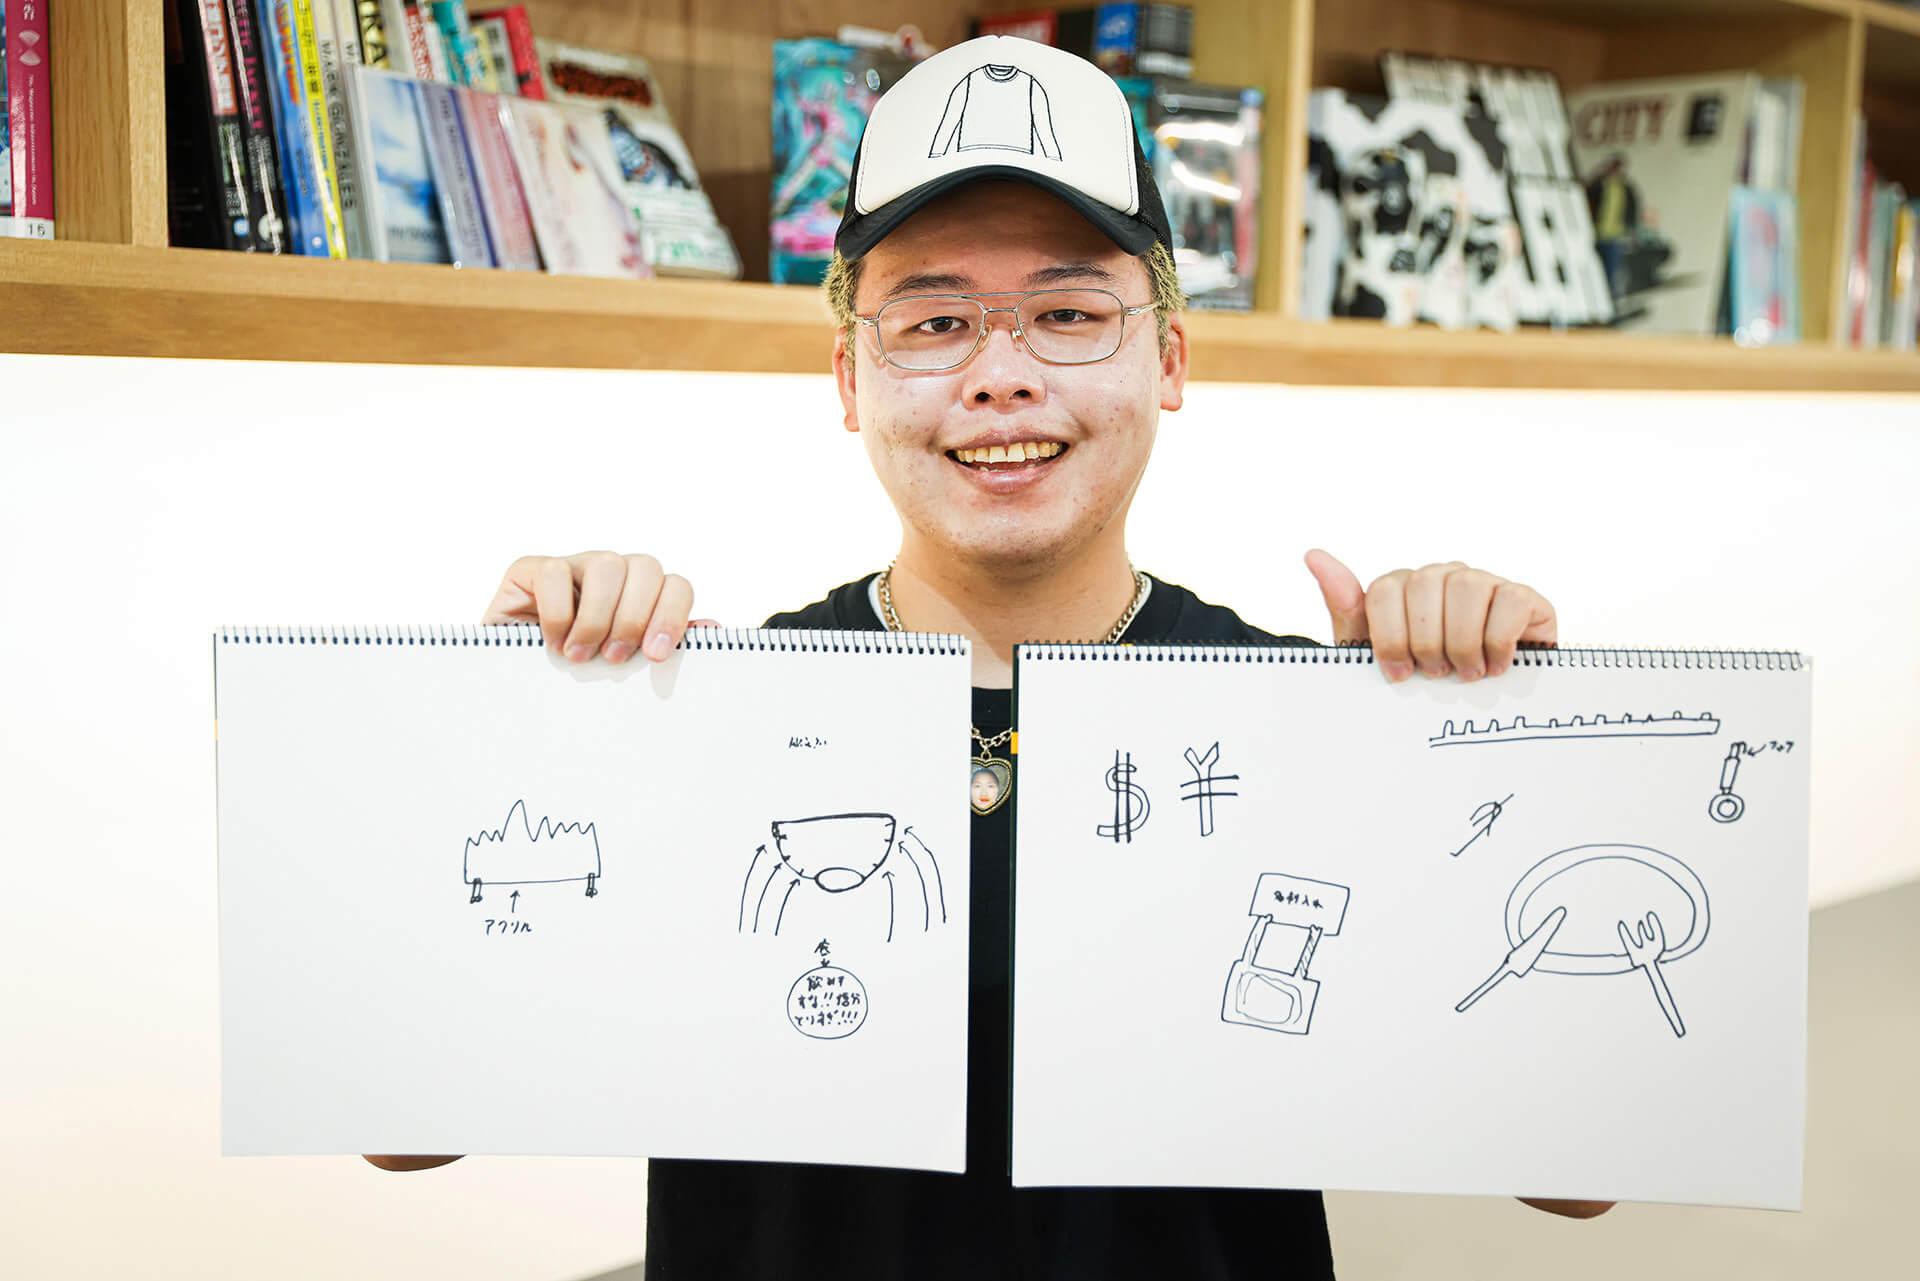 アーティスト・ぼく脳が仕掛ける『EkiLabものづくりAWARD2021』側方支援企画「既成概念という箱を壊せ!」 interview-ekilab-bokunou-12